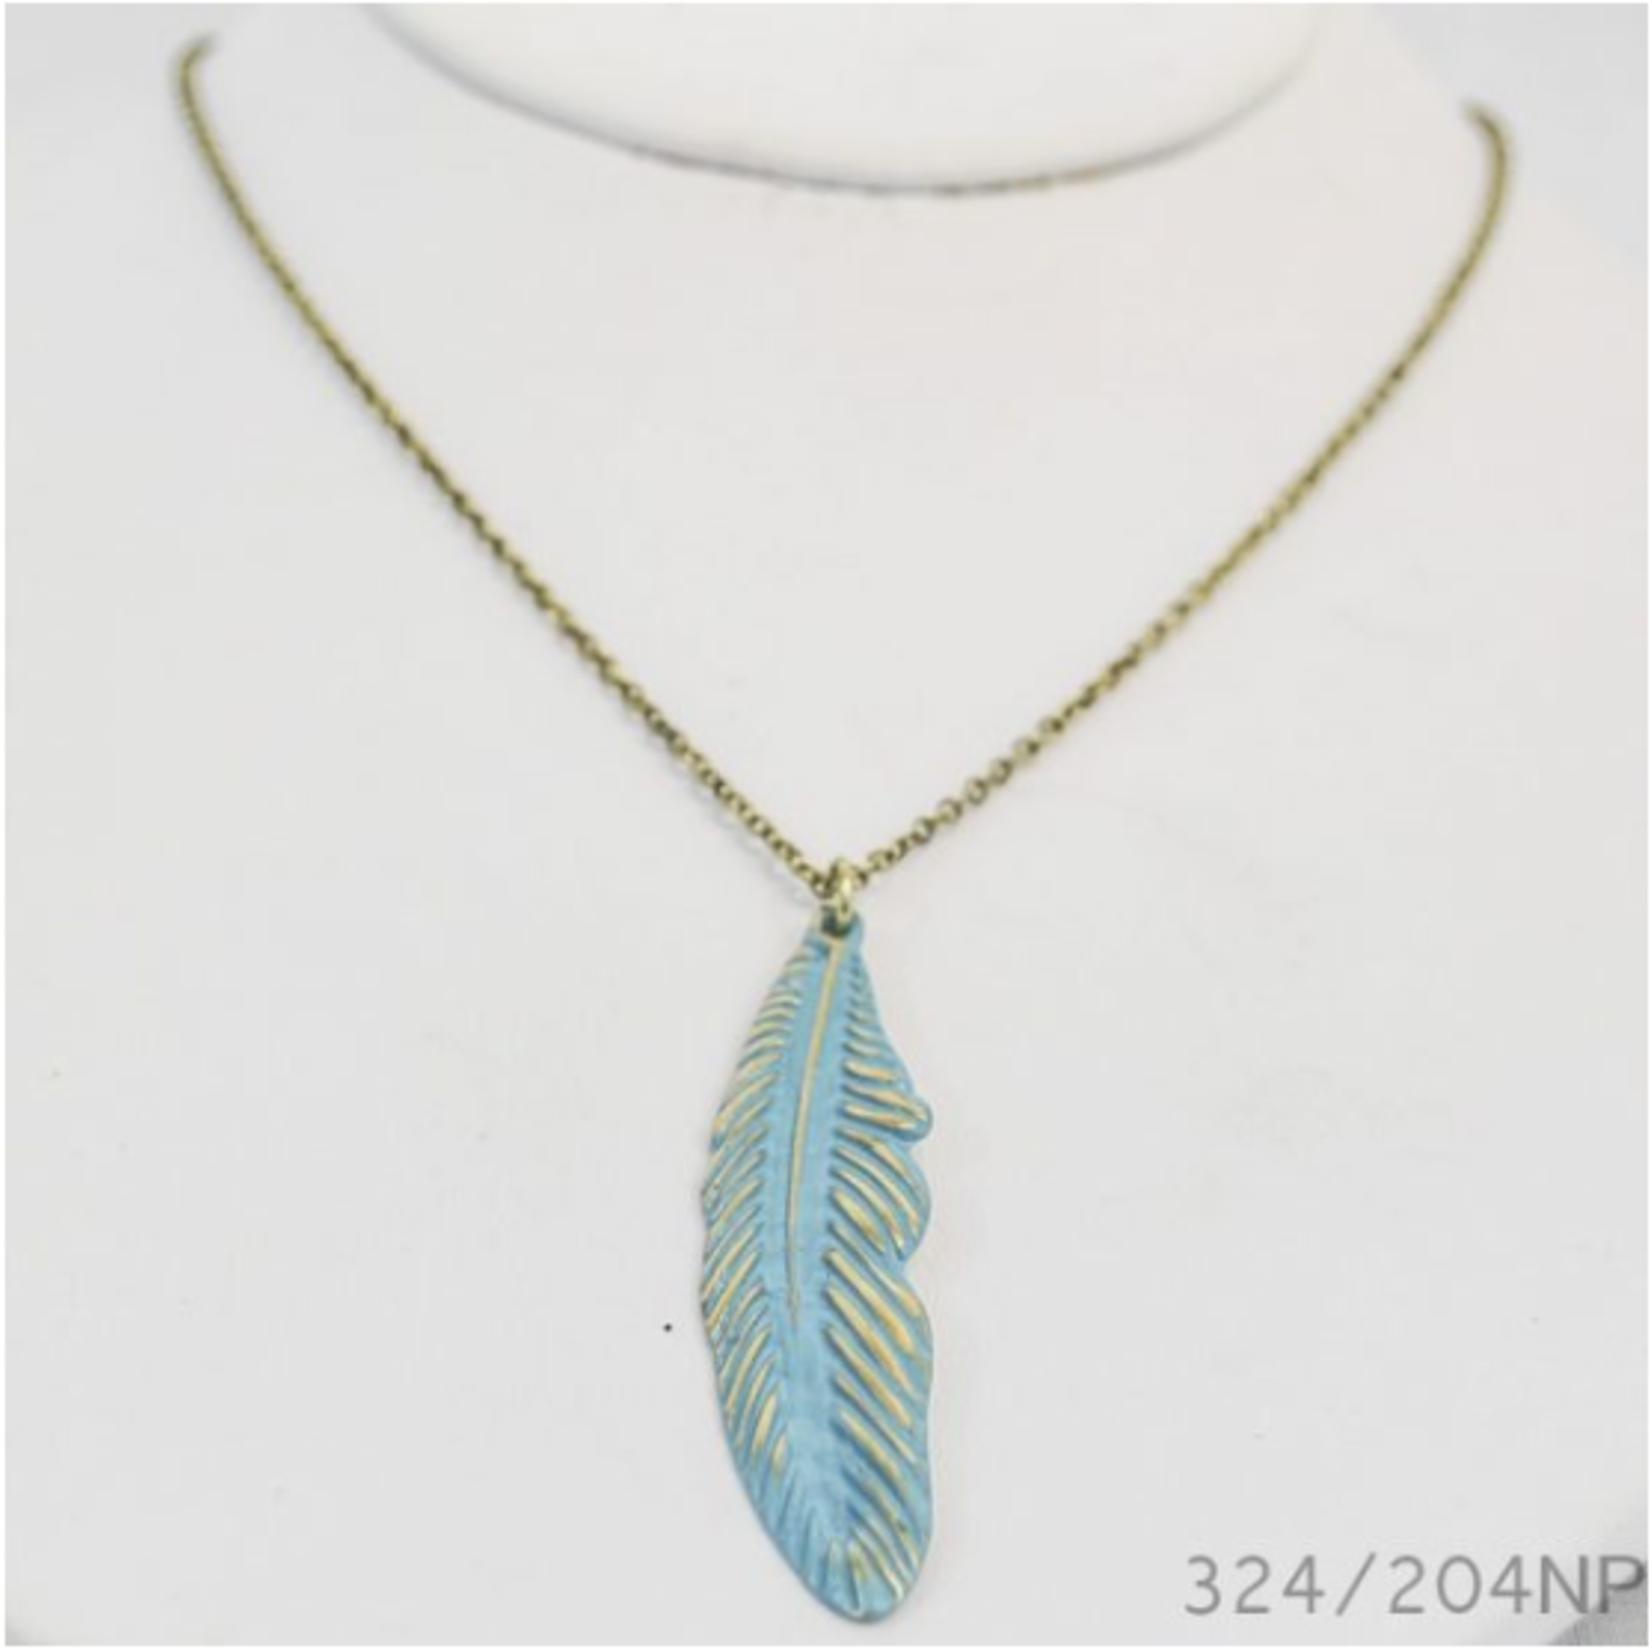 Joy Susan Joy Susan 16' Burnt Gold Patina Feather Necklace